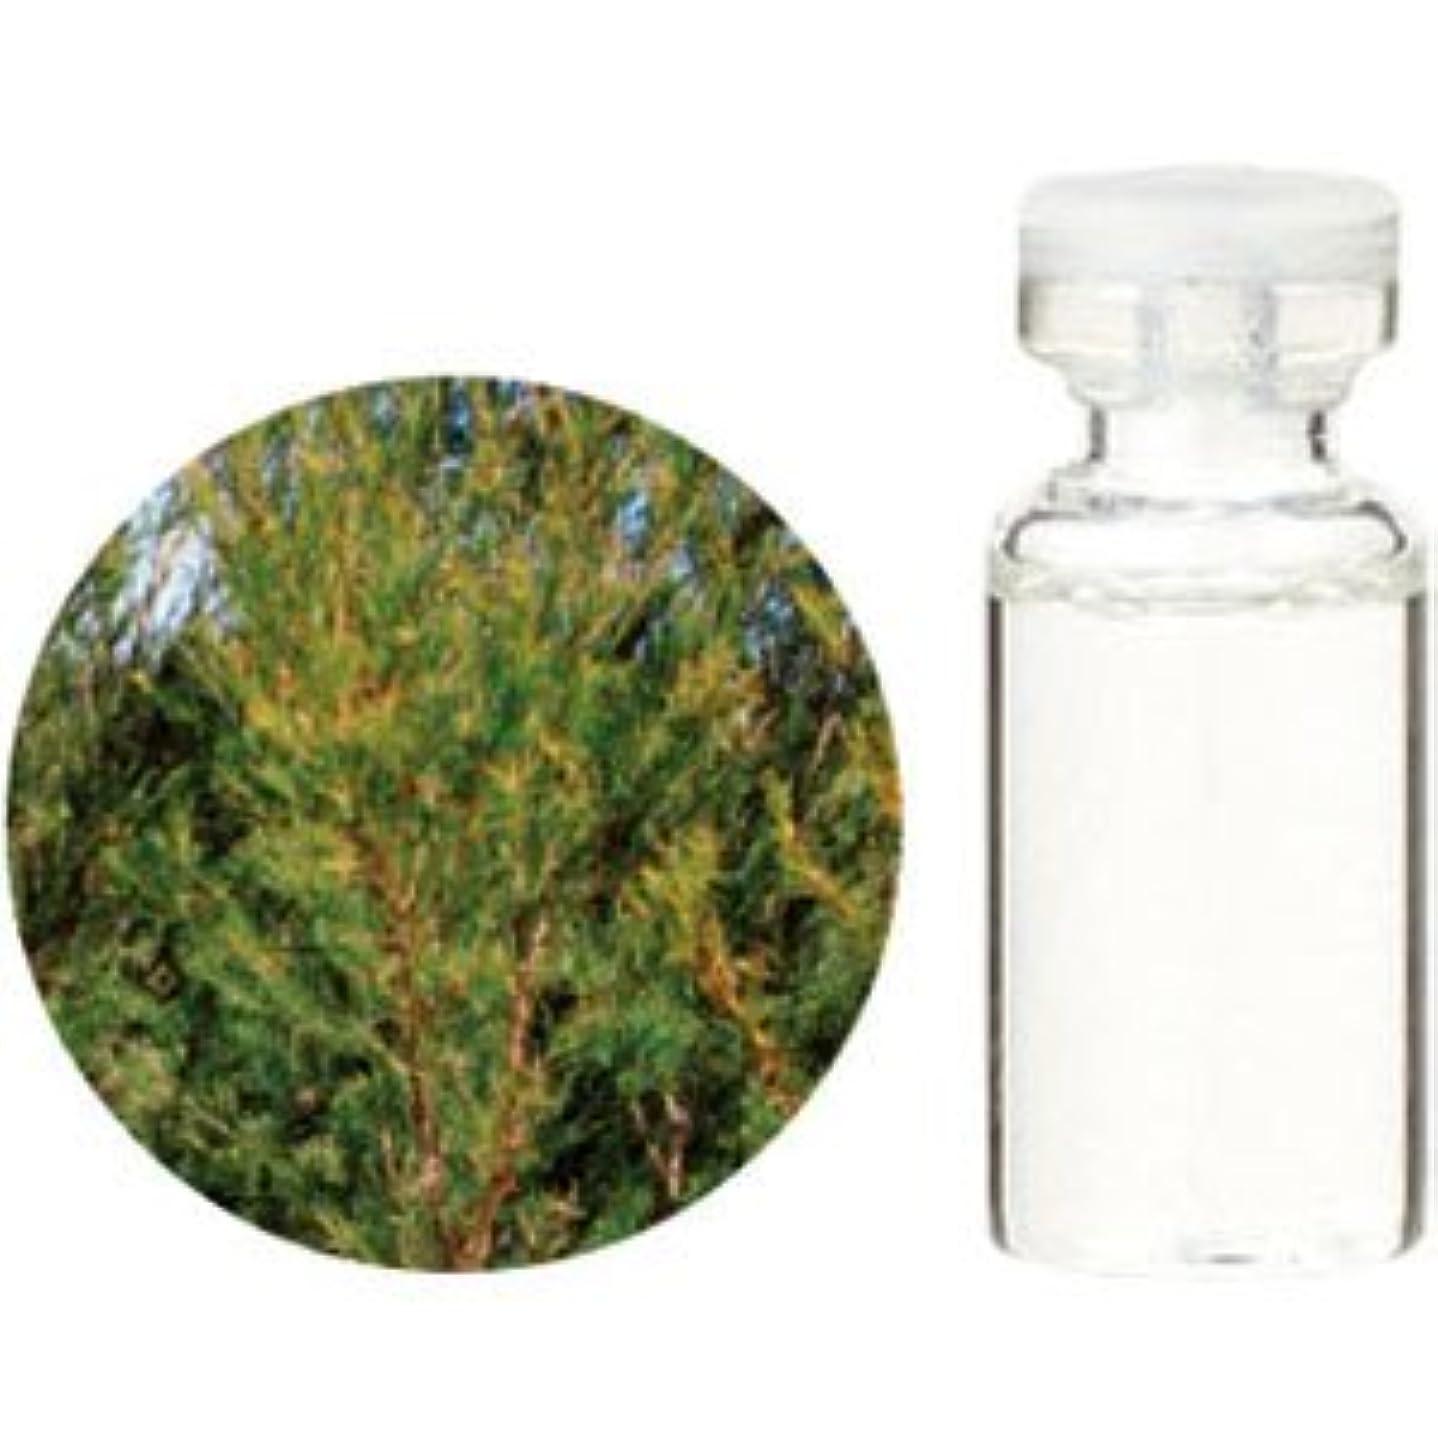 幸運なことにバーマド称賛生活の木 エッセンシャルオイル ティートゥリー 50ml(業務用サイズ) 08-434-3690